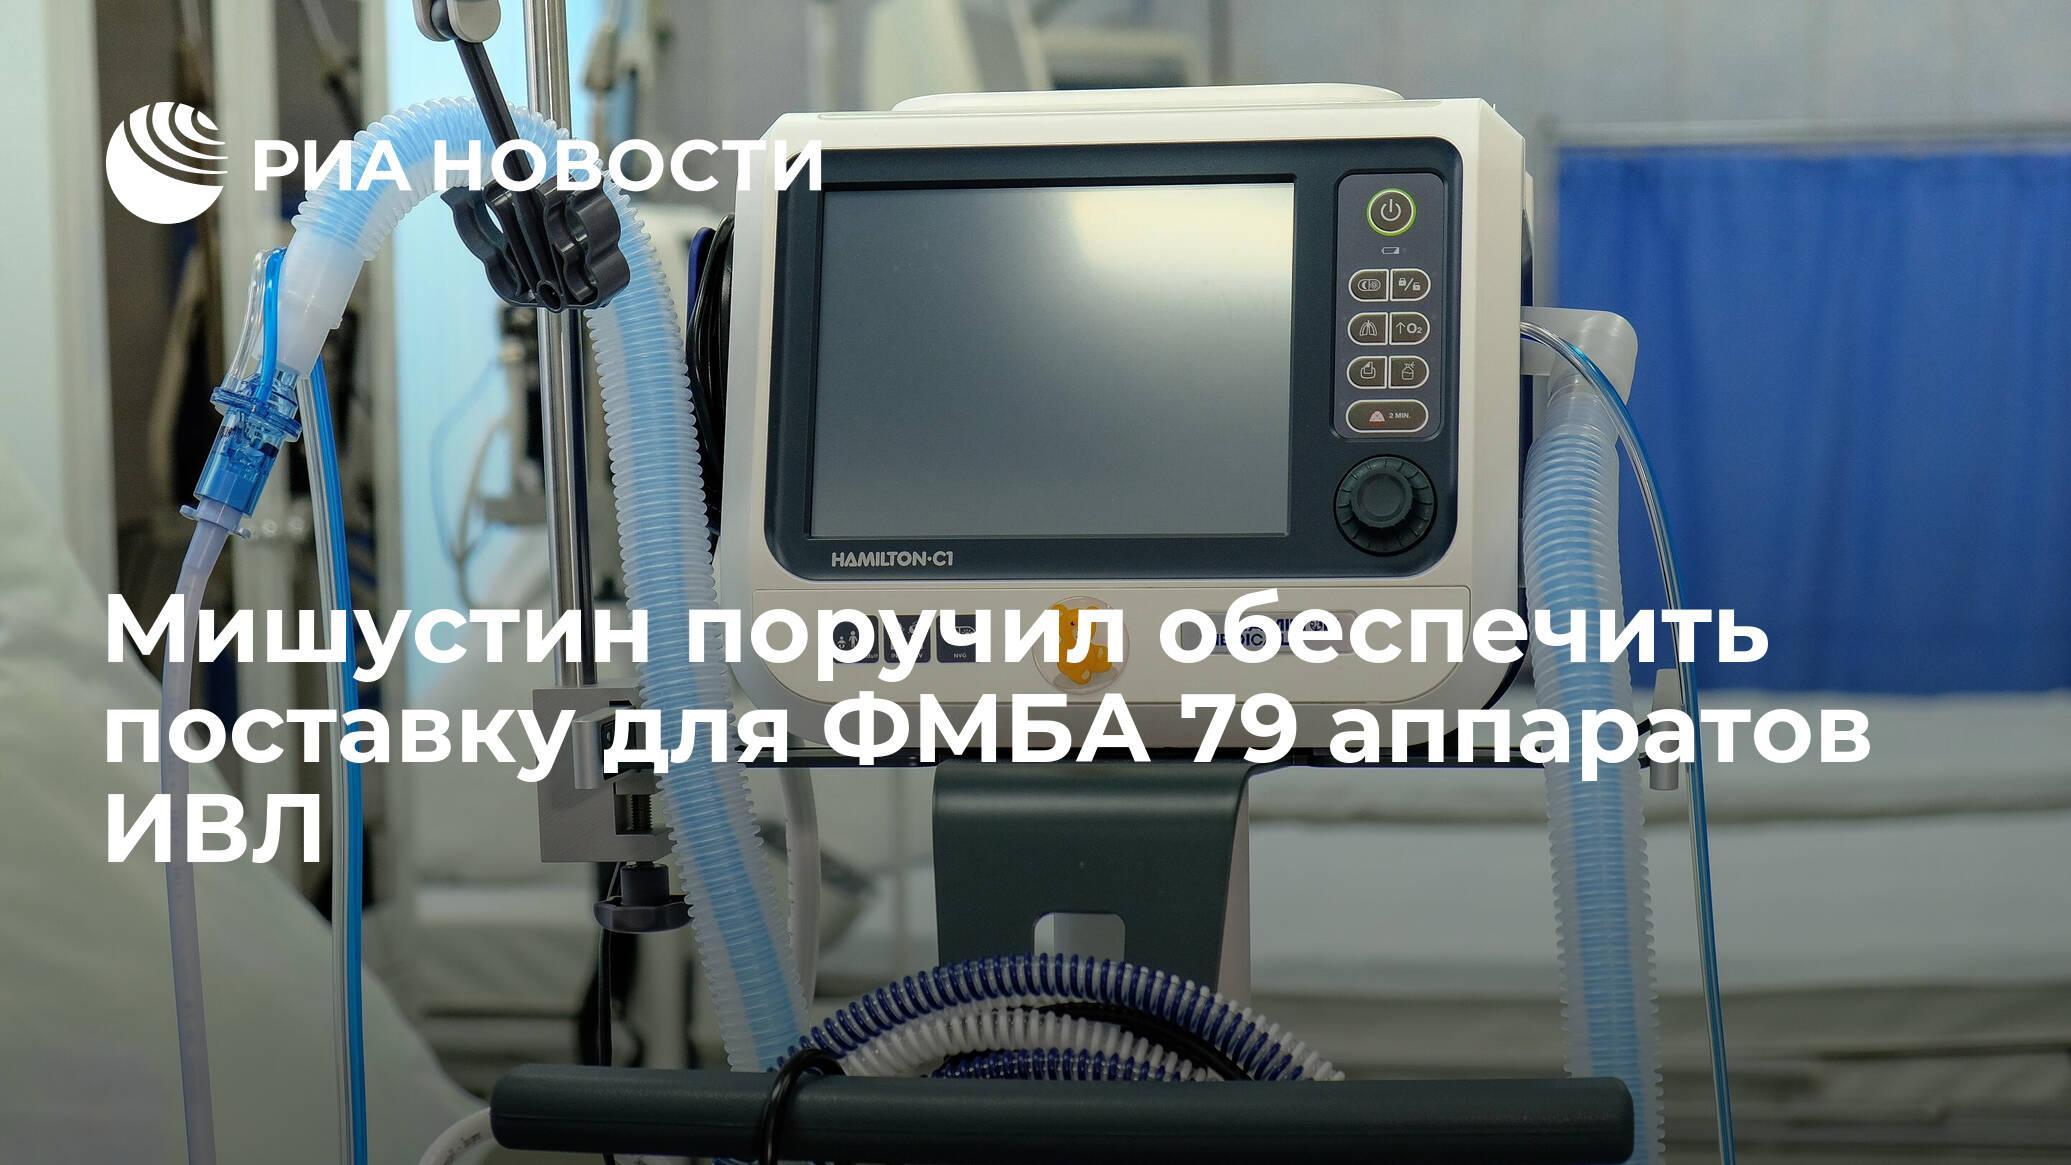 Мишустин поручил обеспечить поставку для ФМБА 79 аппаратов ИВЛ